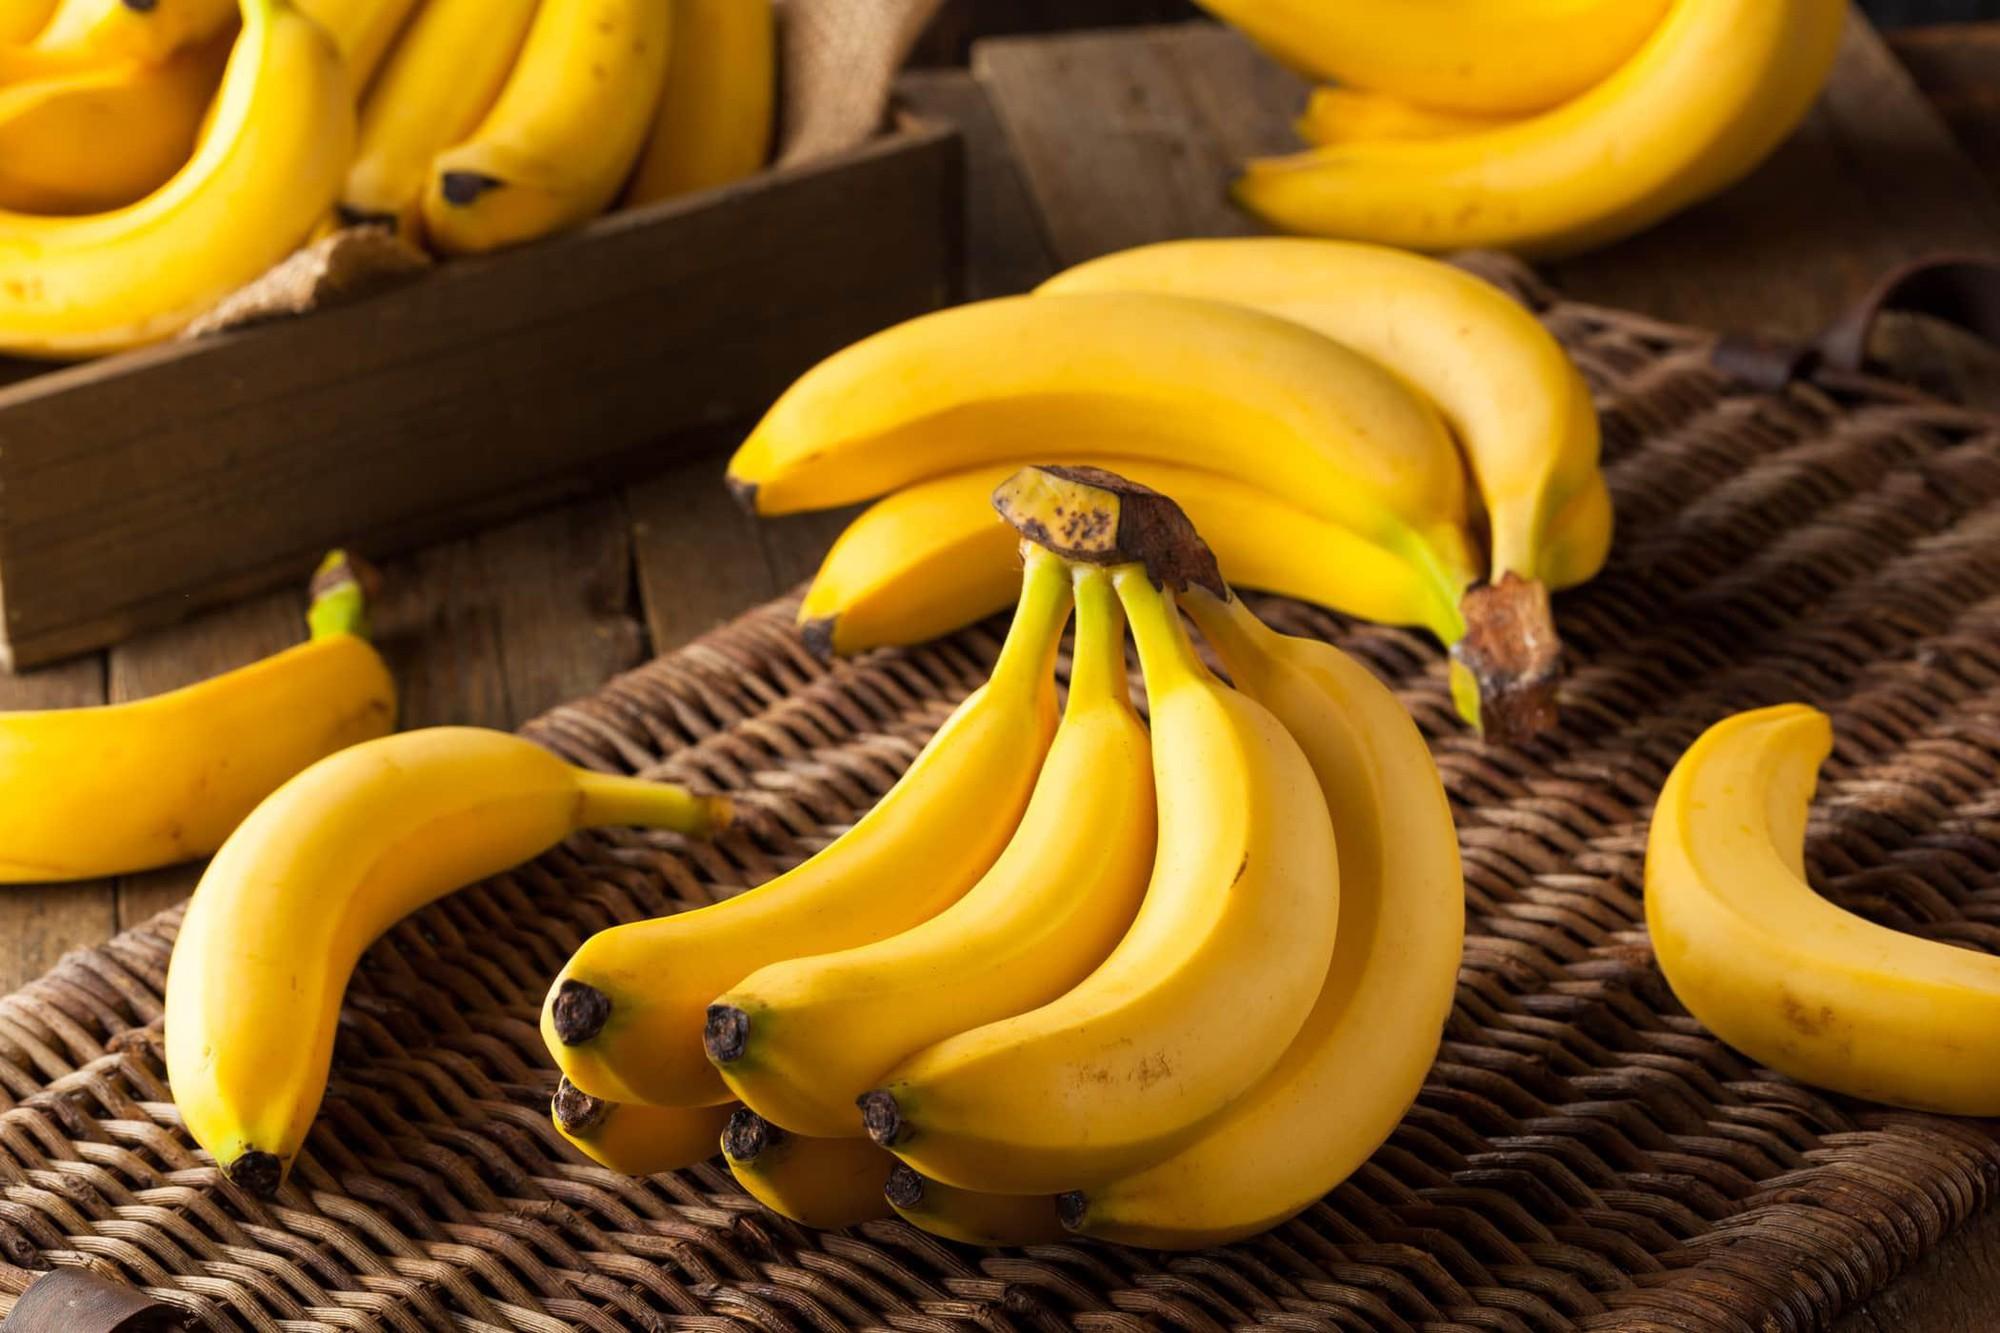 Những loại trái cây nhiệt đới giúp kích thích mọc tóc bạn nên thử ngay hôm nay - Ảnh 1.